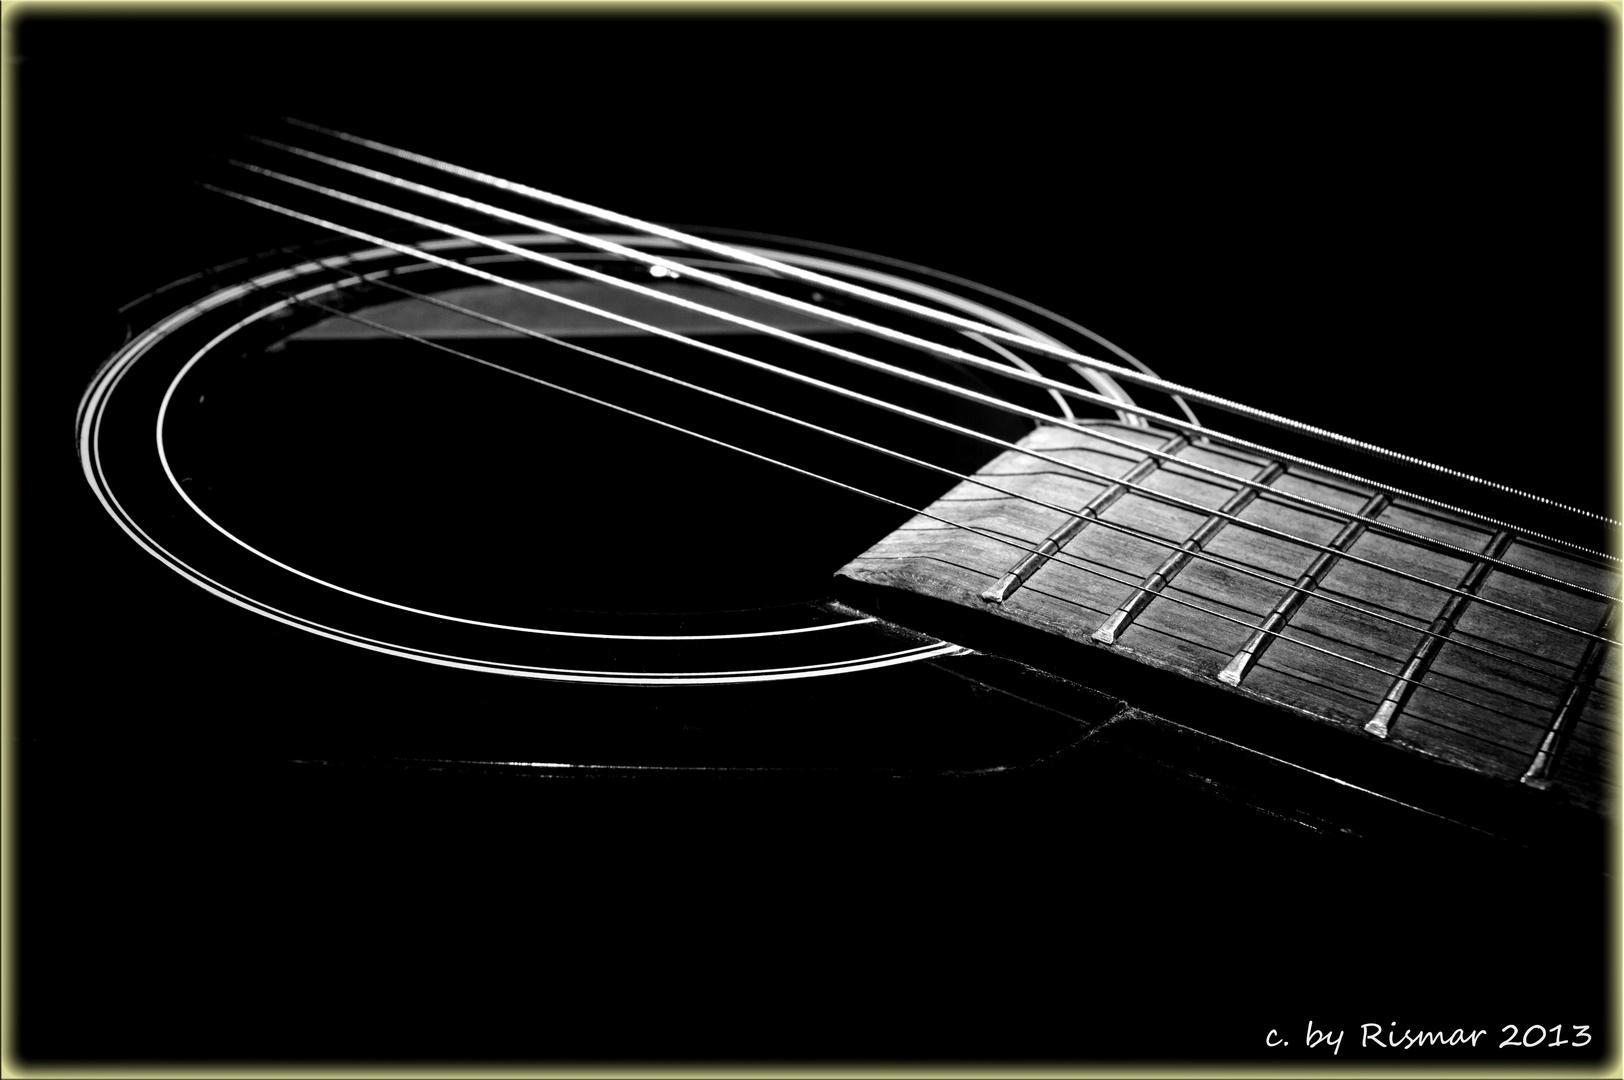 Die ungespielte Gitarre